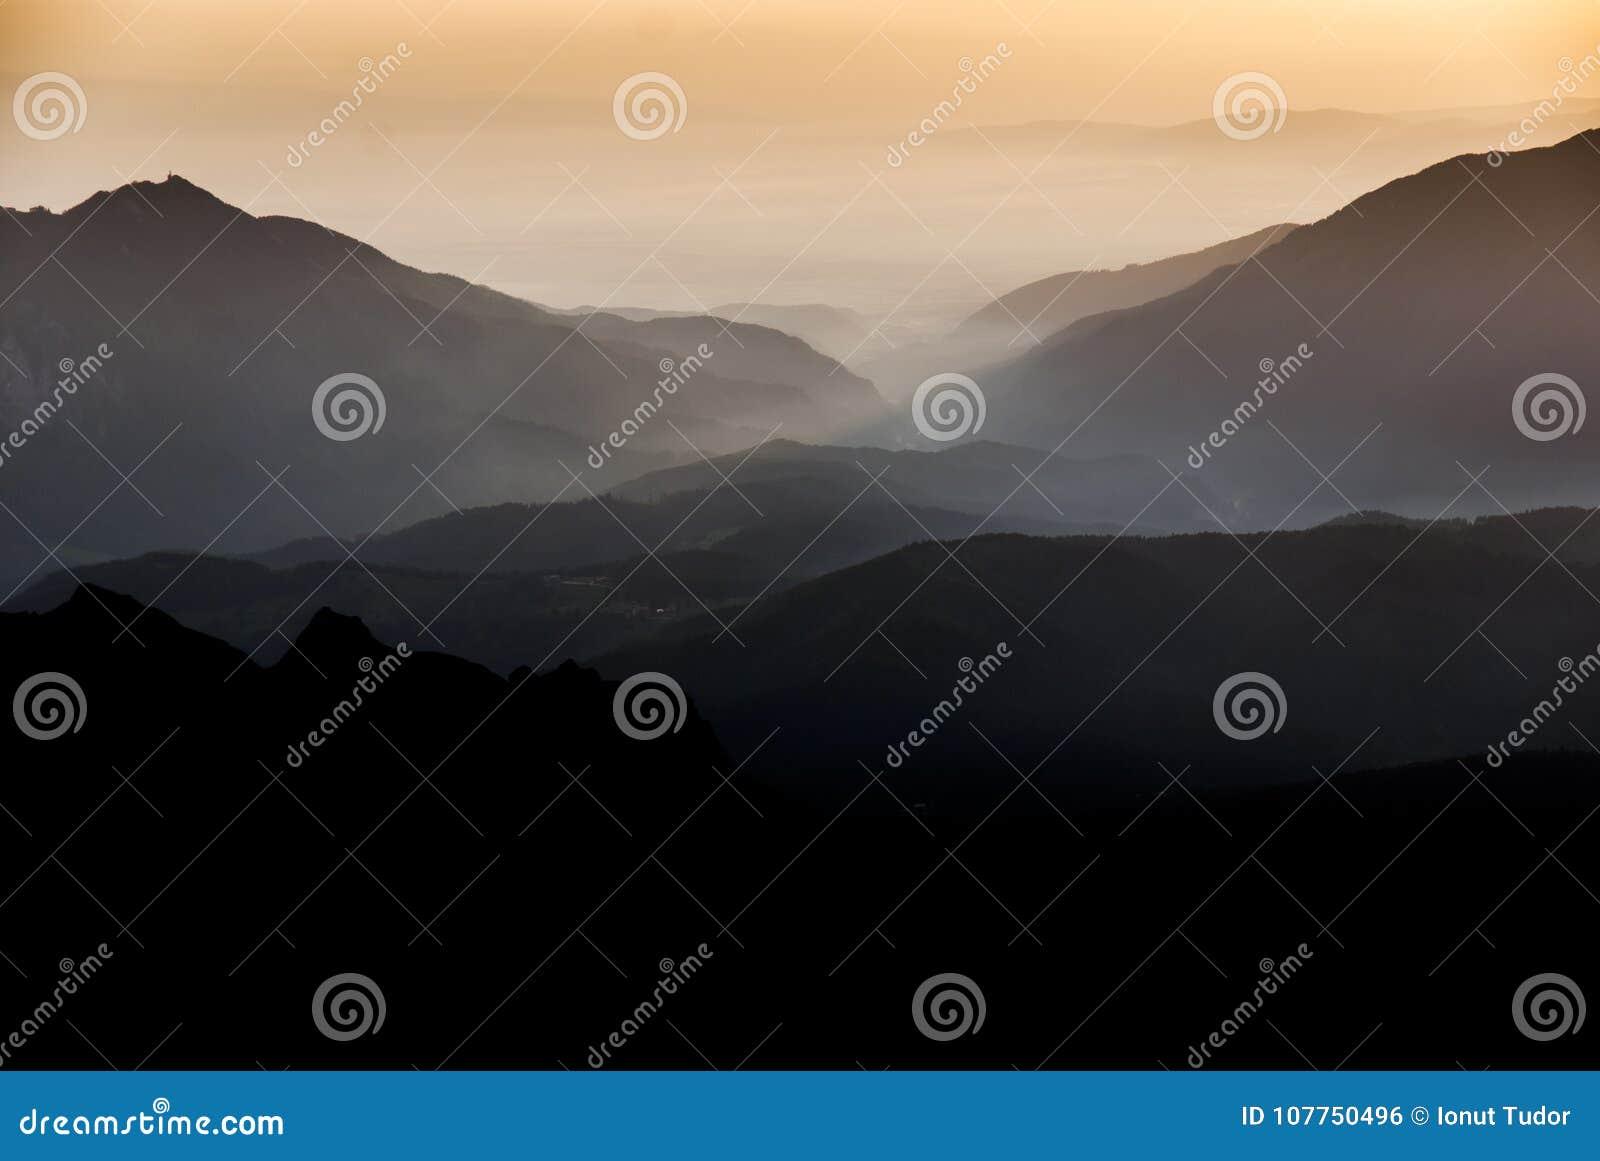 Ηλιοβασίλεμα επάνω από τις κορυφογραμμές και τις κοιλάδες βουνών